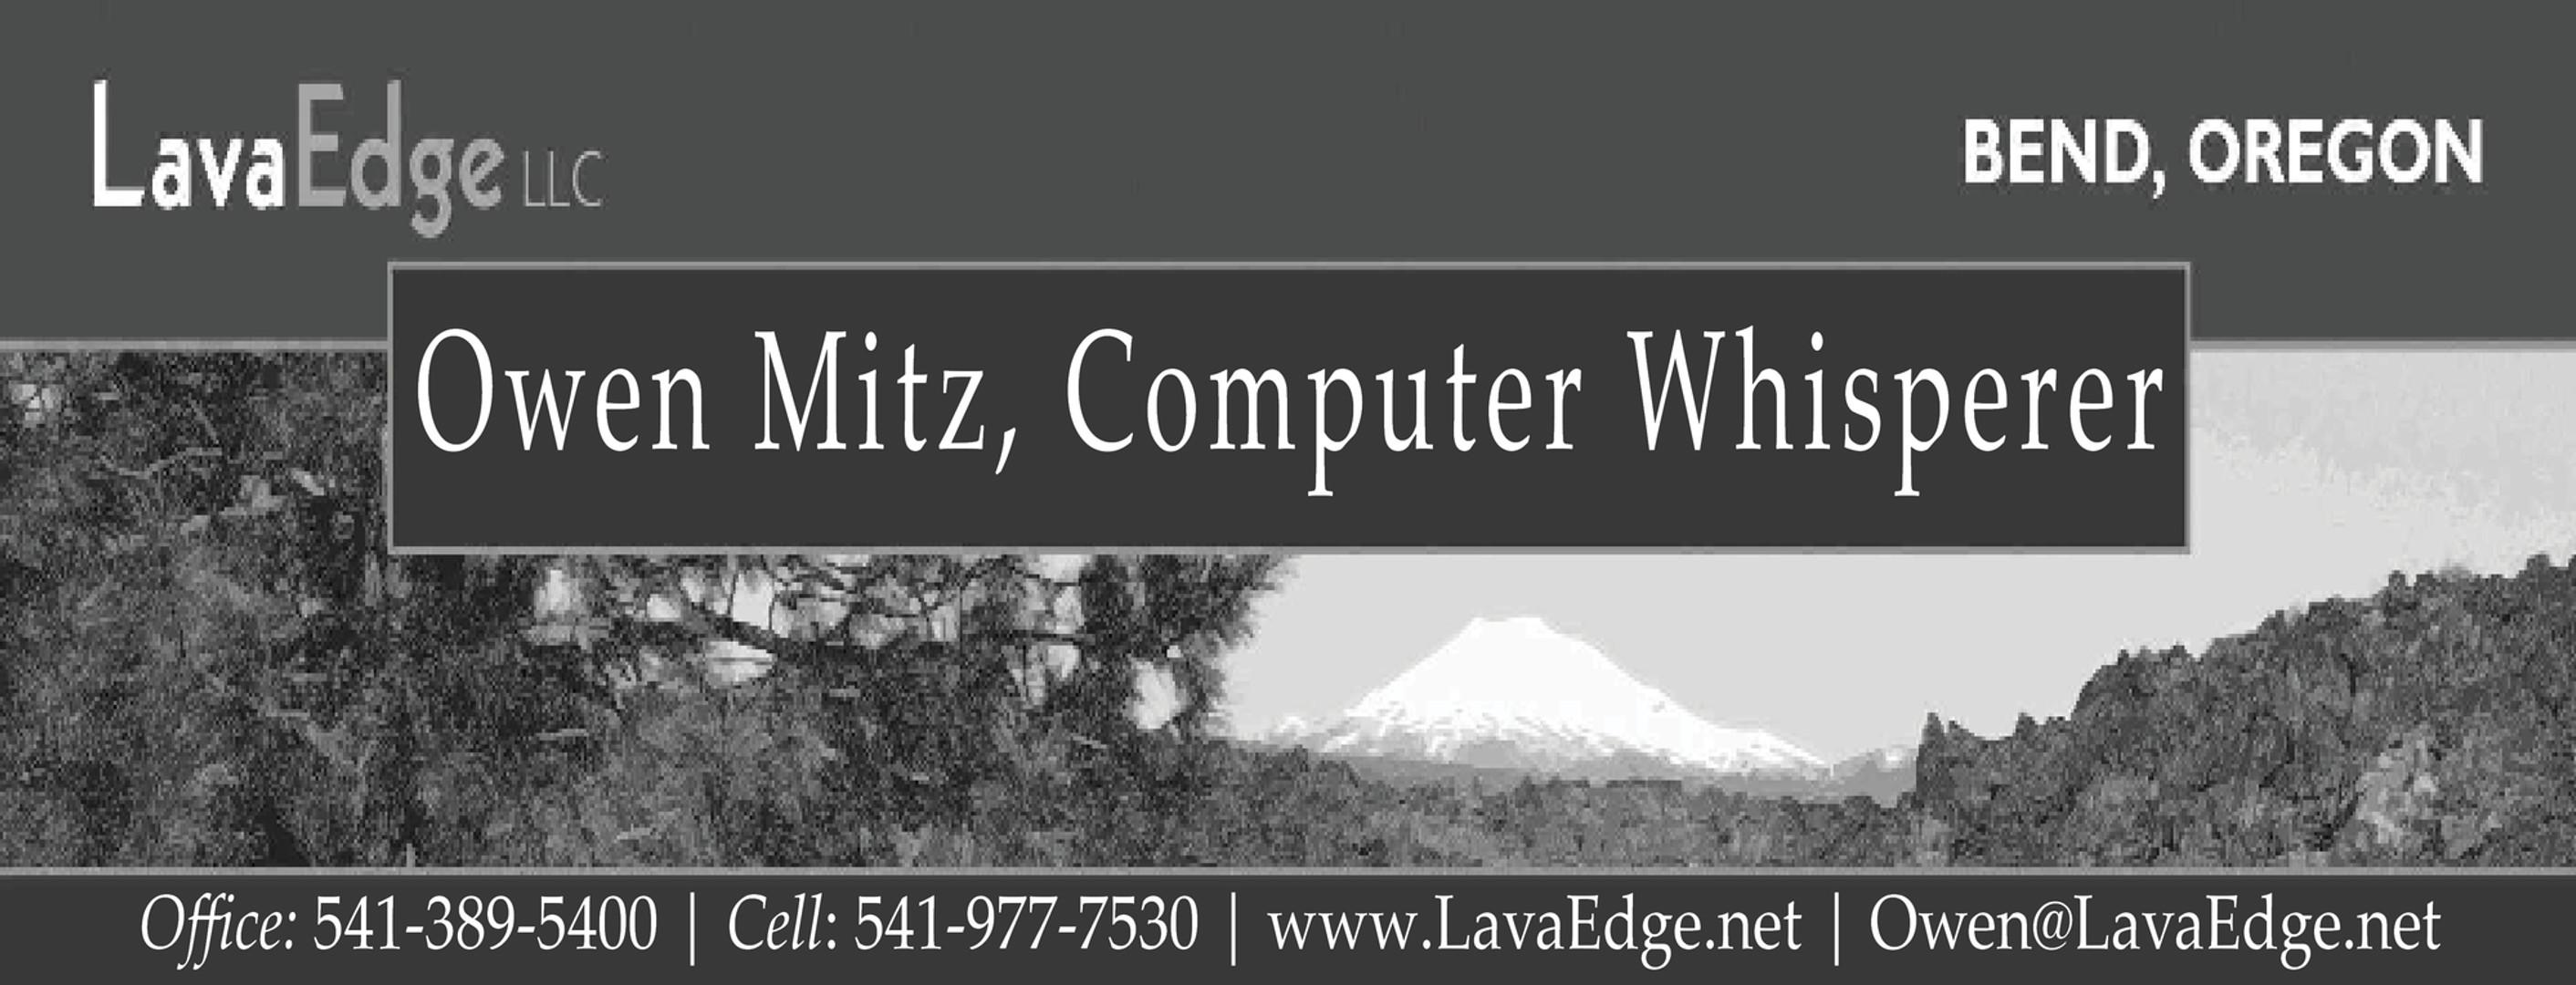 LavaEdge.jpg